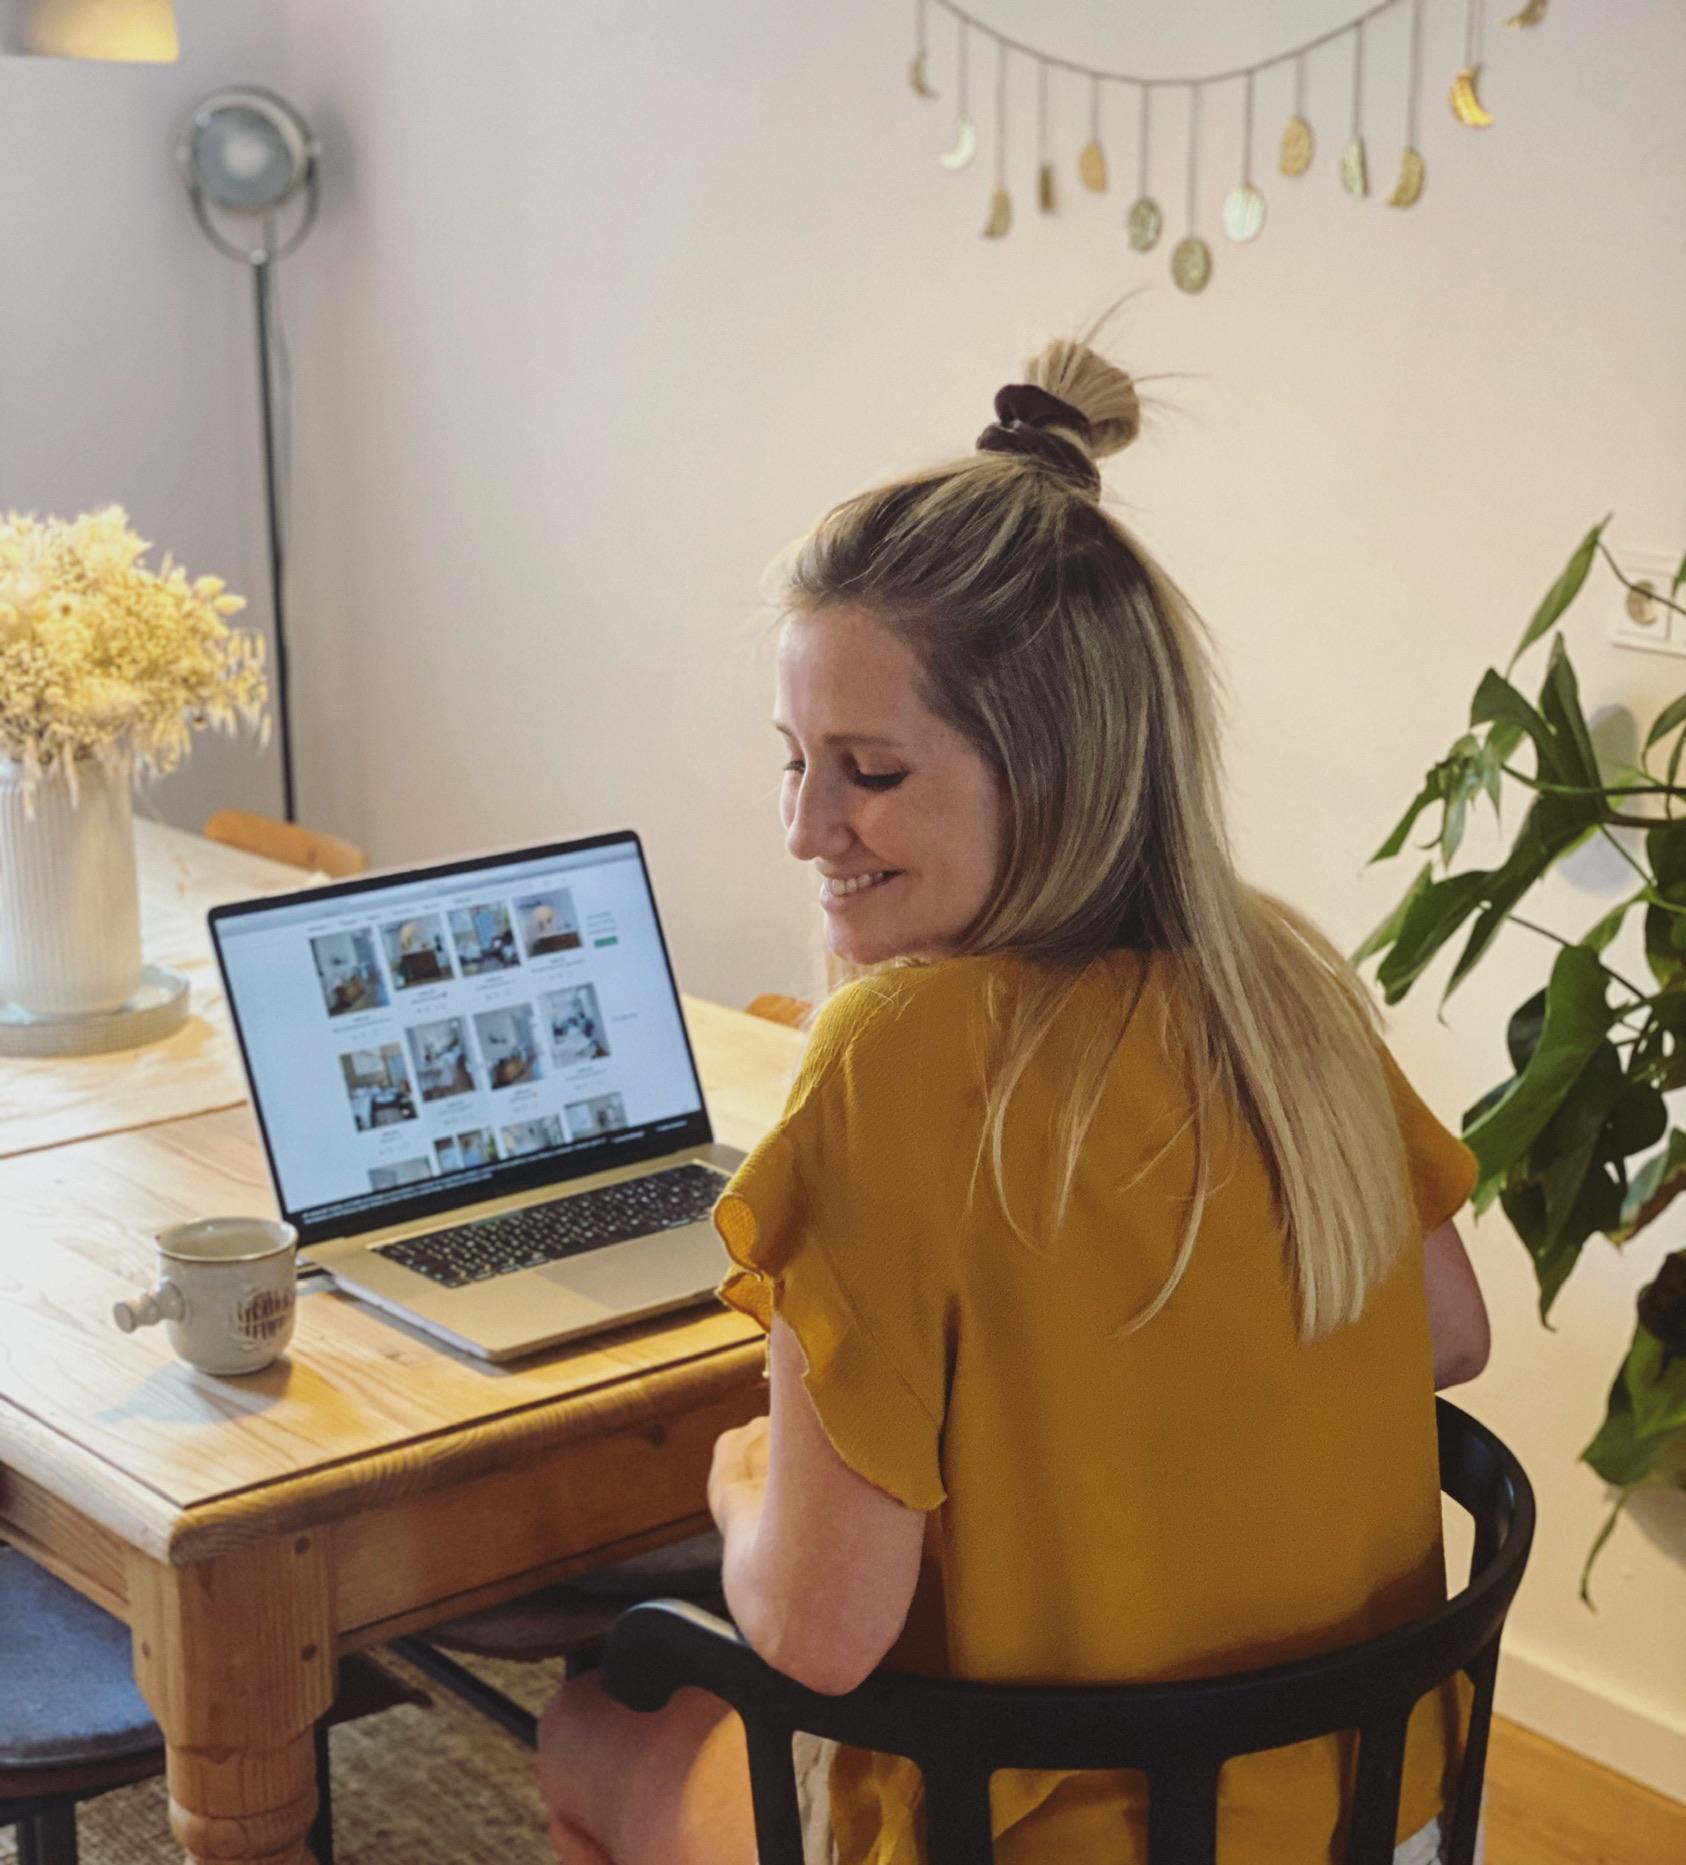 Unsere Leserin Leni mit einem wunderschönen bezaubernden Lächeln am Computer